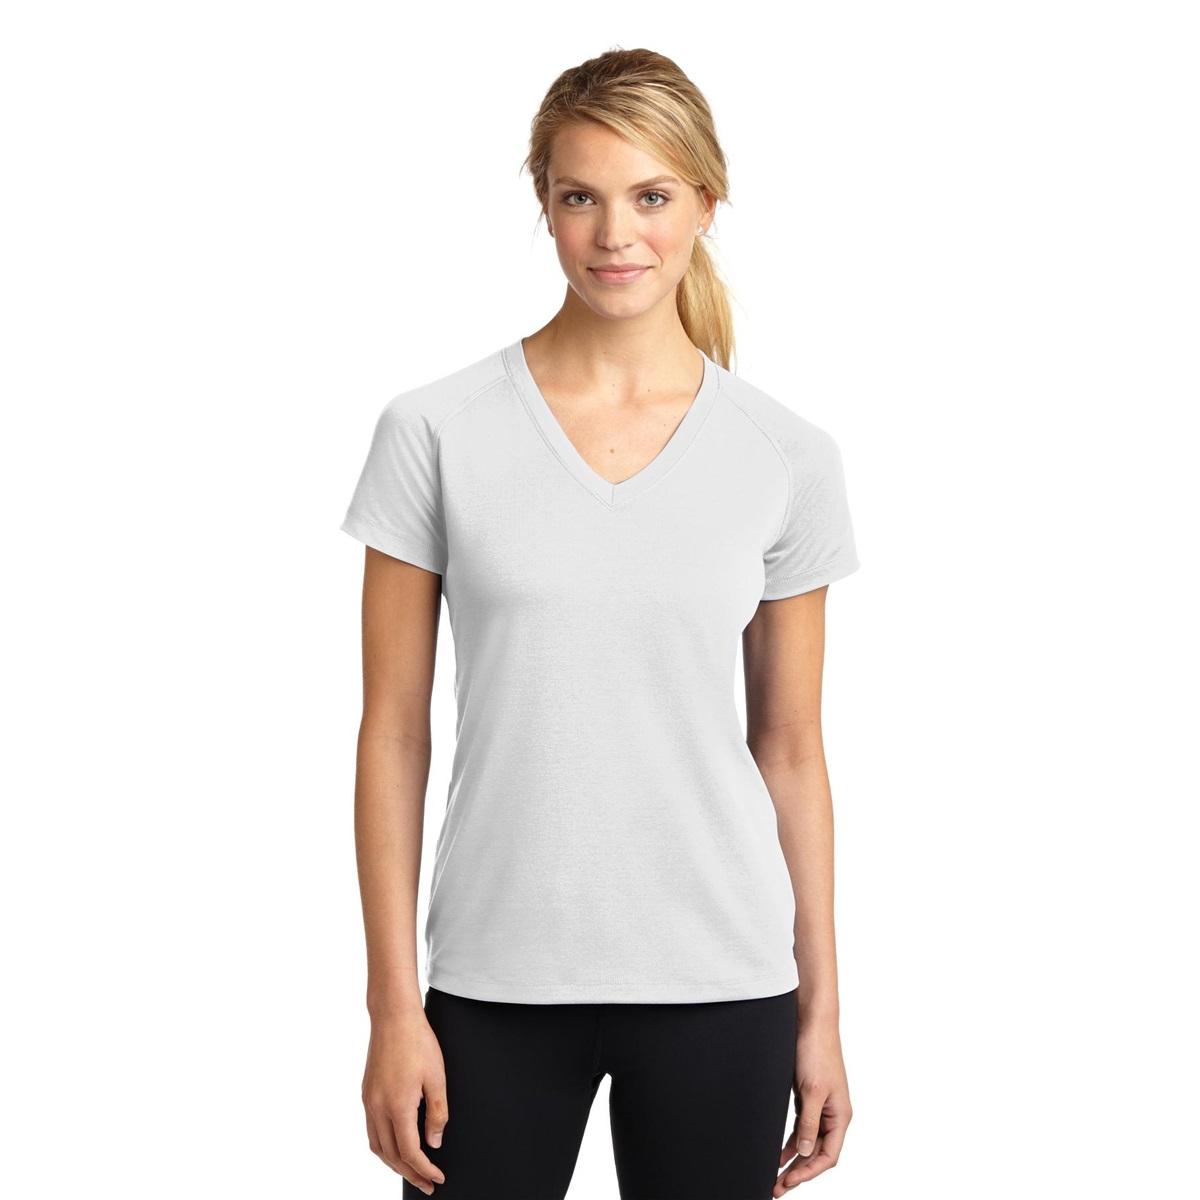 Sport tek lst700 ladies ultimate performance v neck t for White t shirt v neck